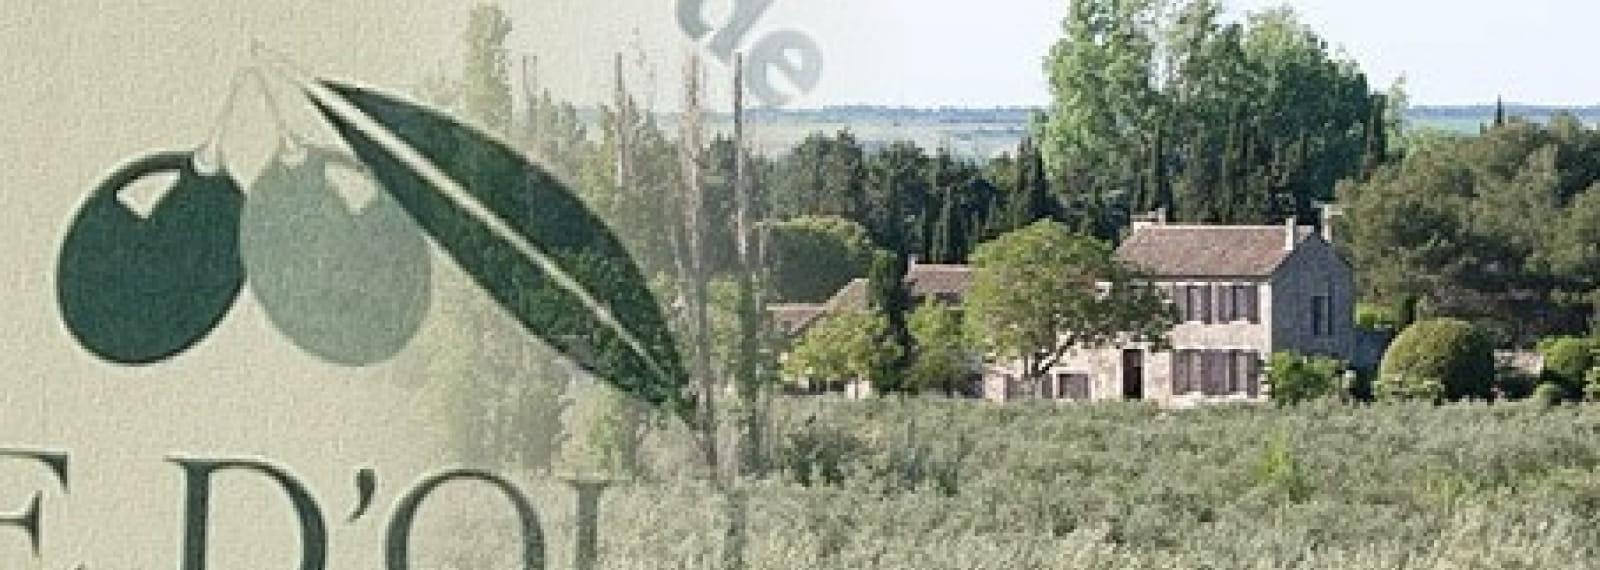 Domaine du Mourre de Viret